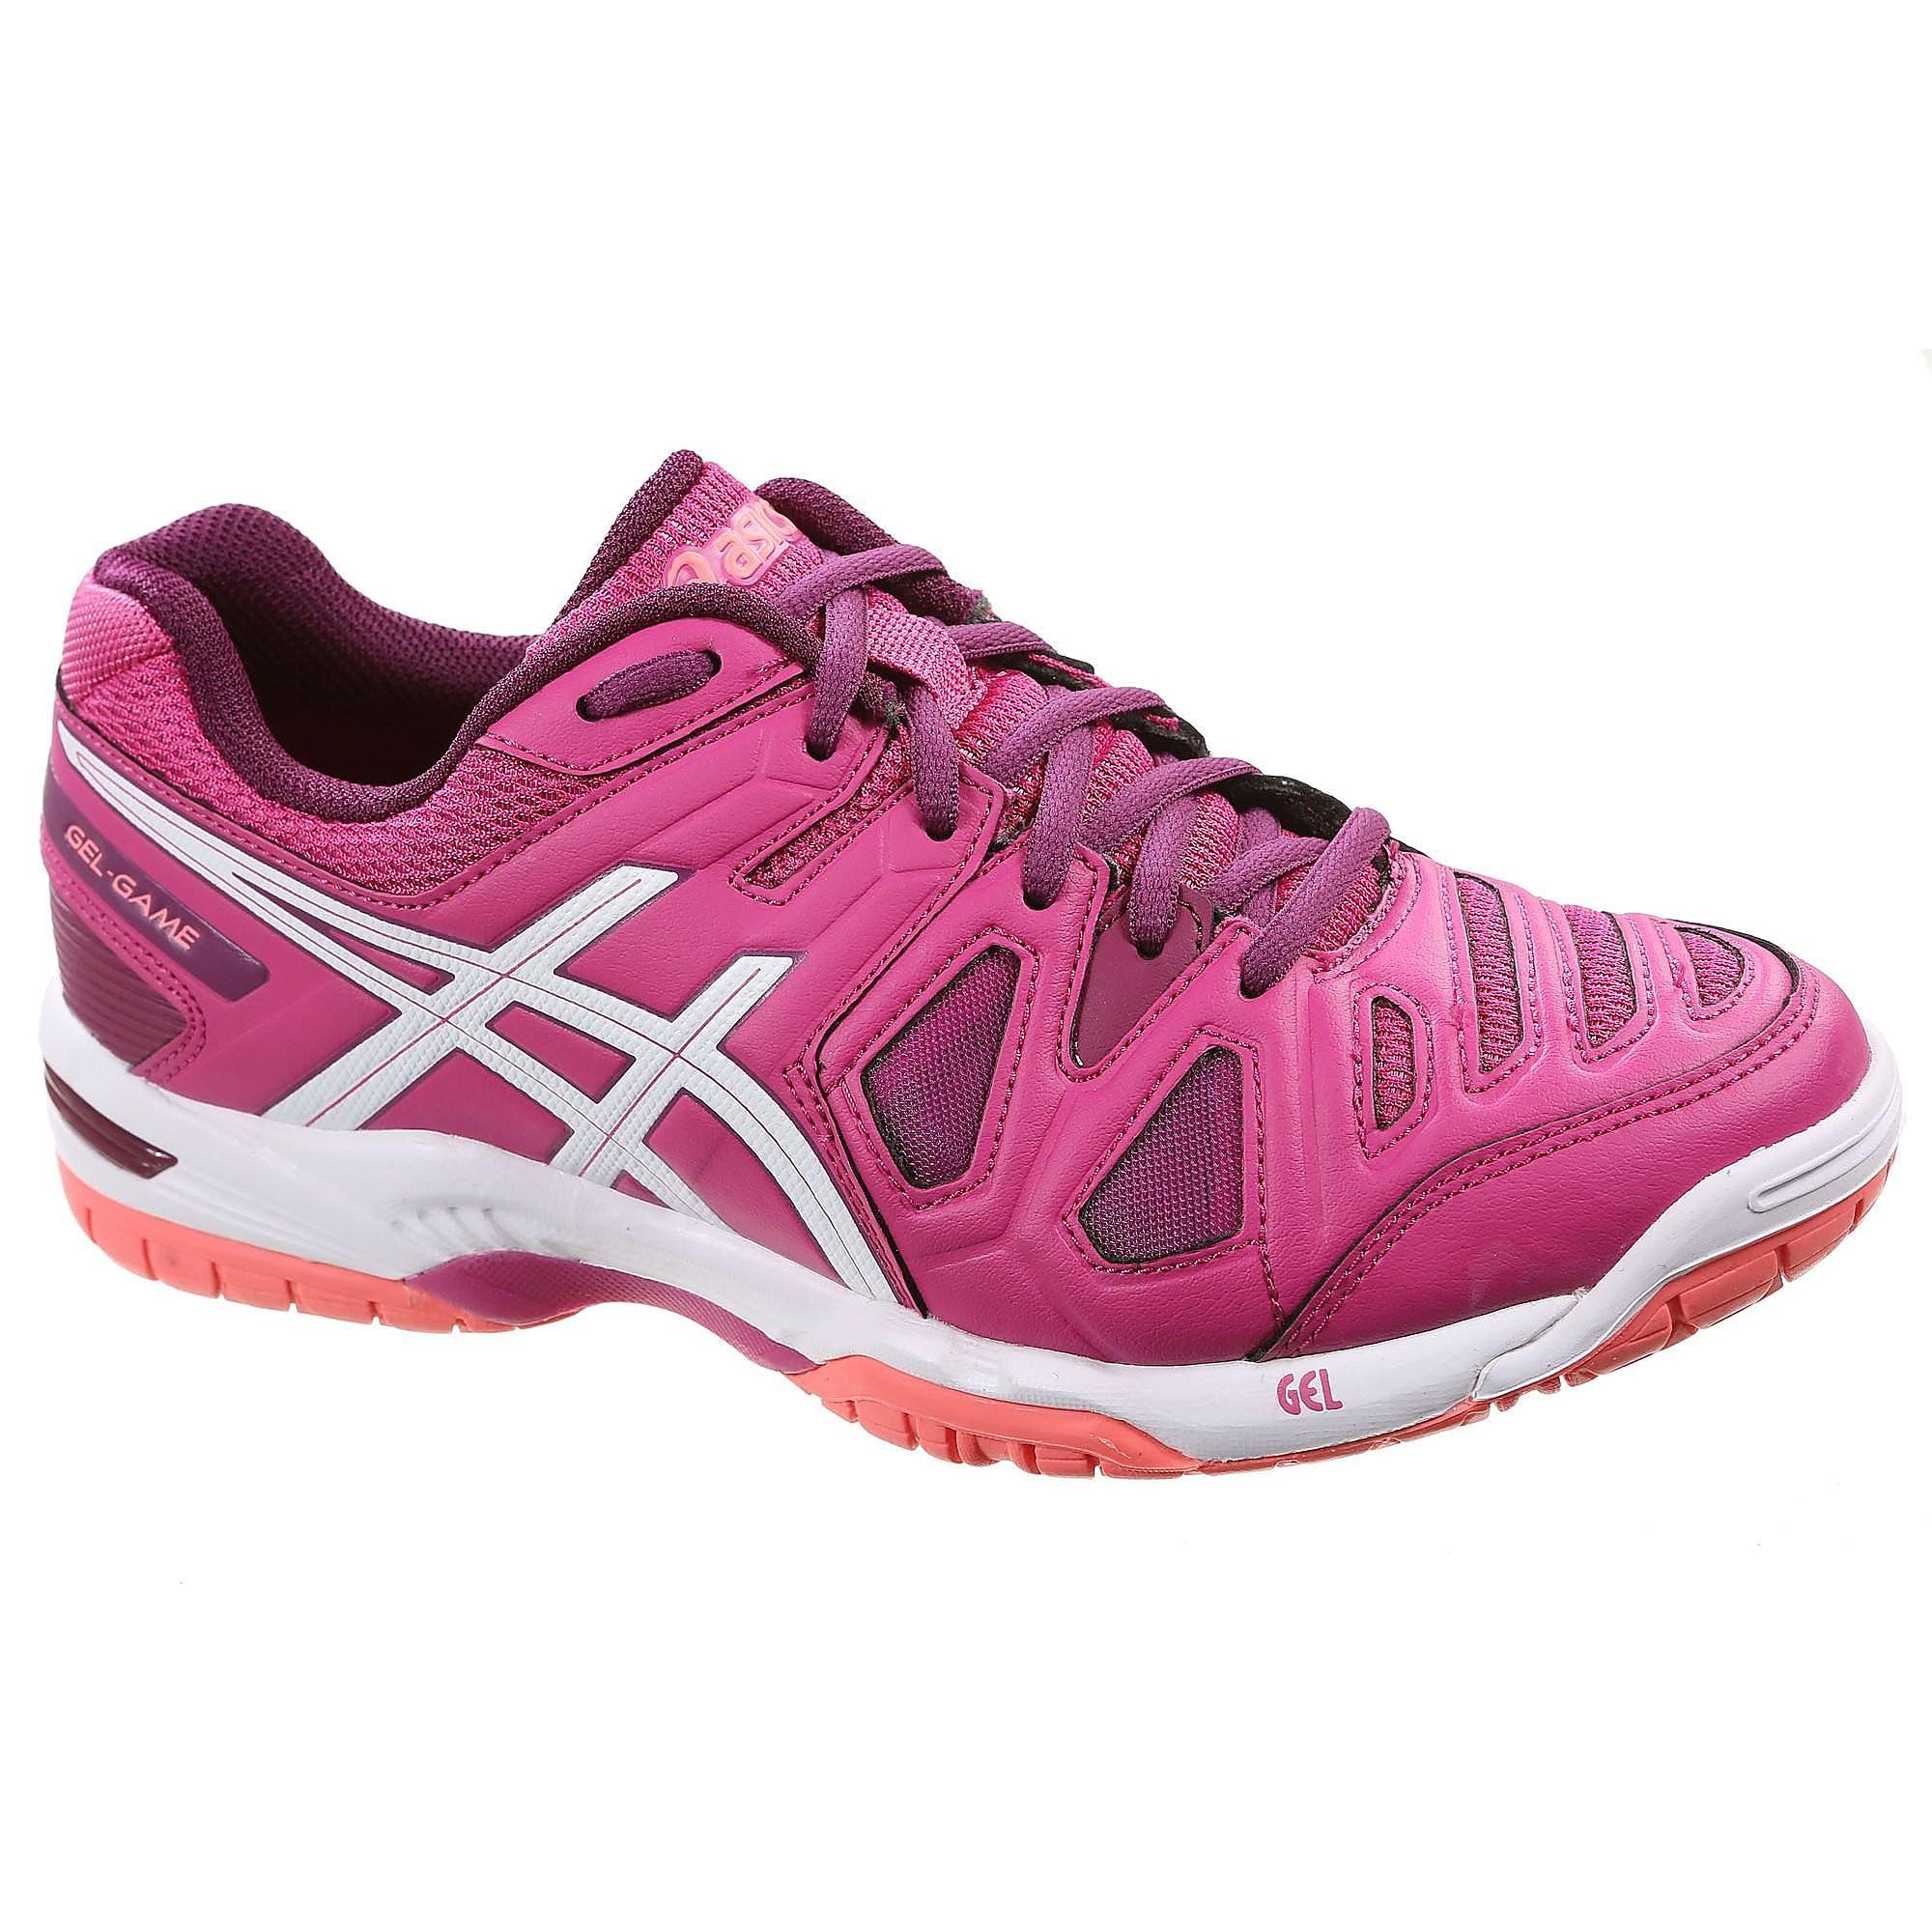 Dames tennisschoenen Asics Gel Game 5 roze